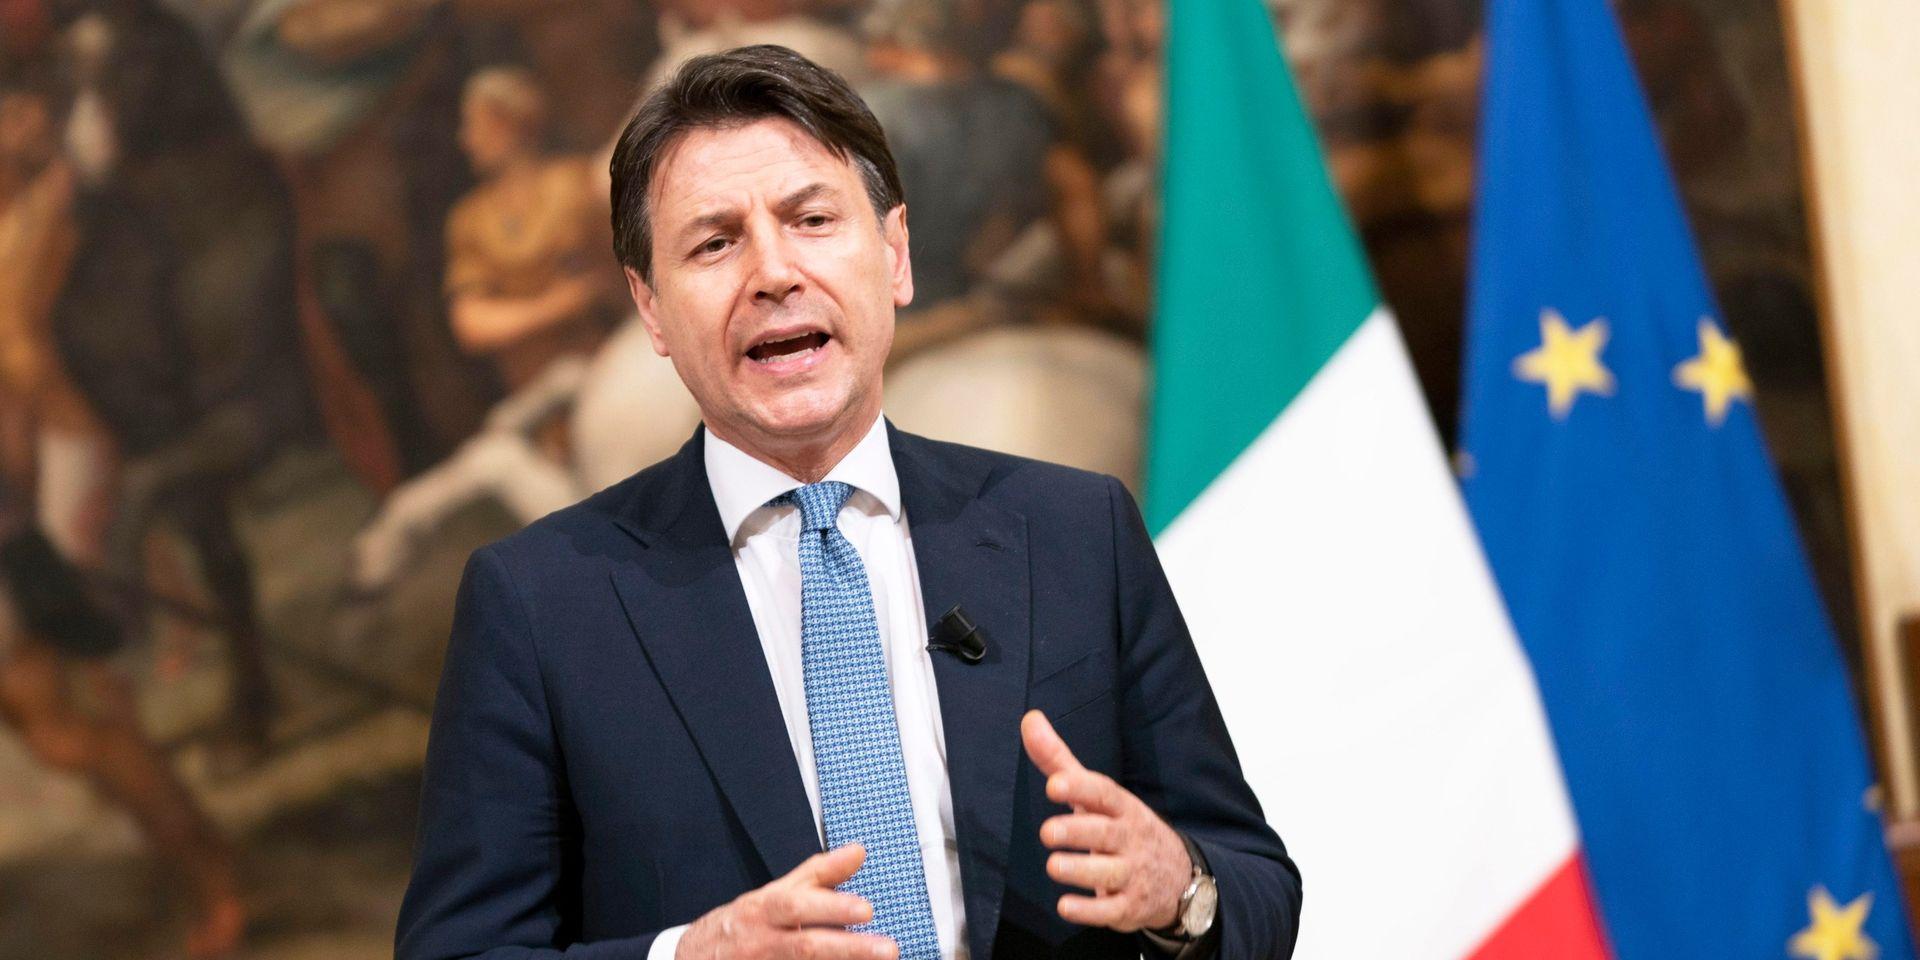 بطولة إيطاليا: كونطي يريد  ضمانات إضافية  قبل السماح بالعودة